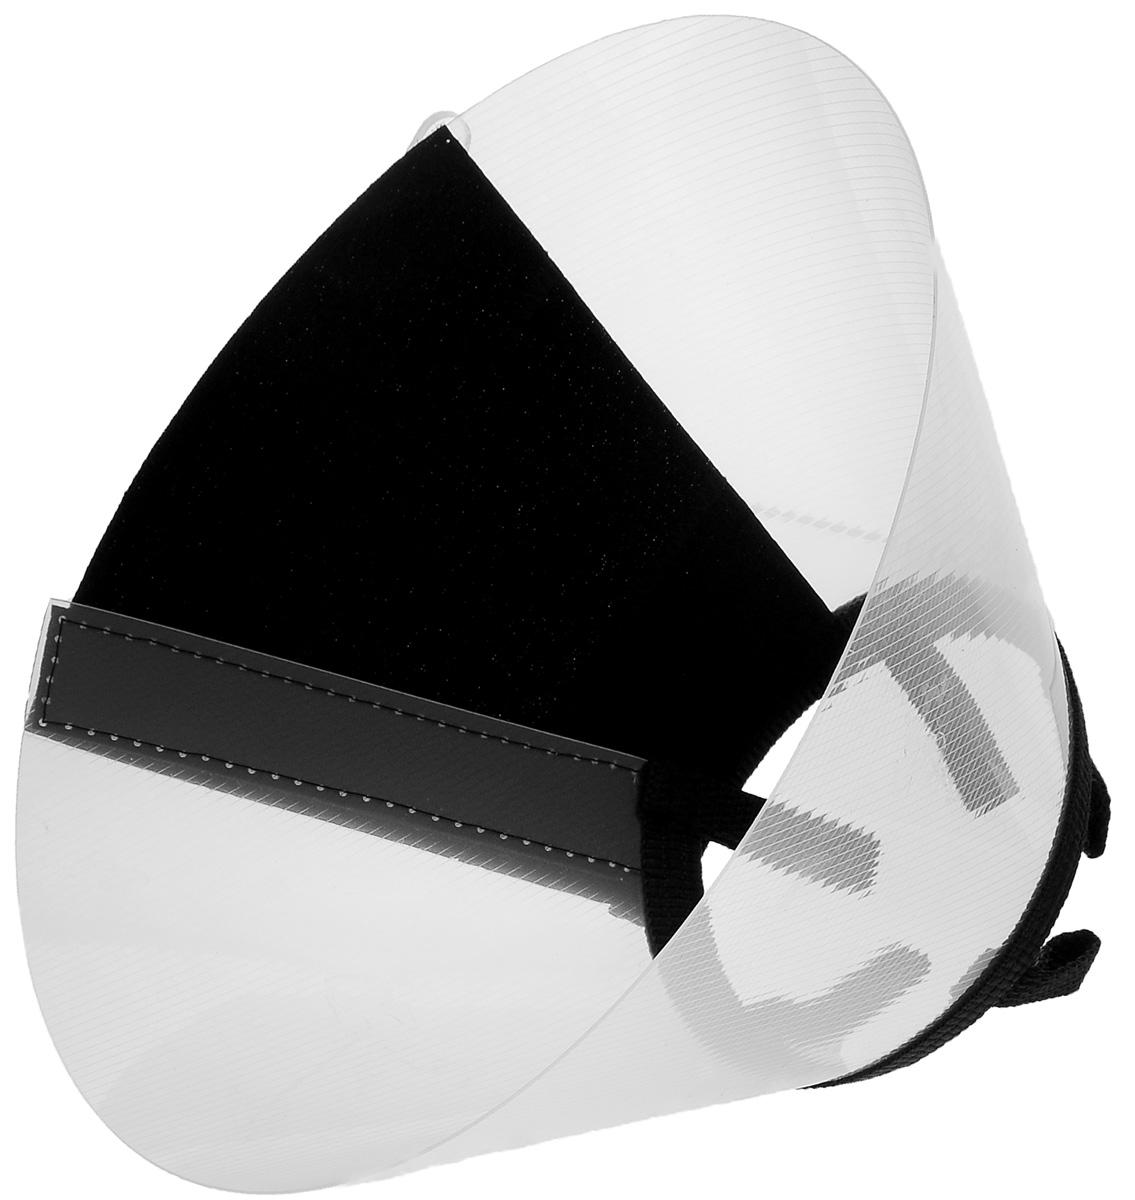 Воротник защитный Талисмед, на липучке, обхват шеи 21-26 см52879Защитный воротник Талисмед изготовлен из высококачественного нетоксичного пластика, который позволяет сохранять углы обзора для животного. Изделие разработано для ограничения доступа собаки к заживающей ране или послеоперационному шву. Простота в эксплуатации позволяет хозяевам самостоятельно одевать и снимать защитный воротник с собаки. Воротник крепится закрепляется при помощи липучки.Обхват шеи: 21-26 см.Высота воротника: 8 см.